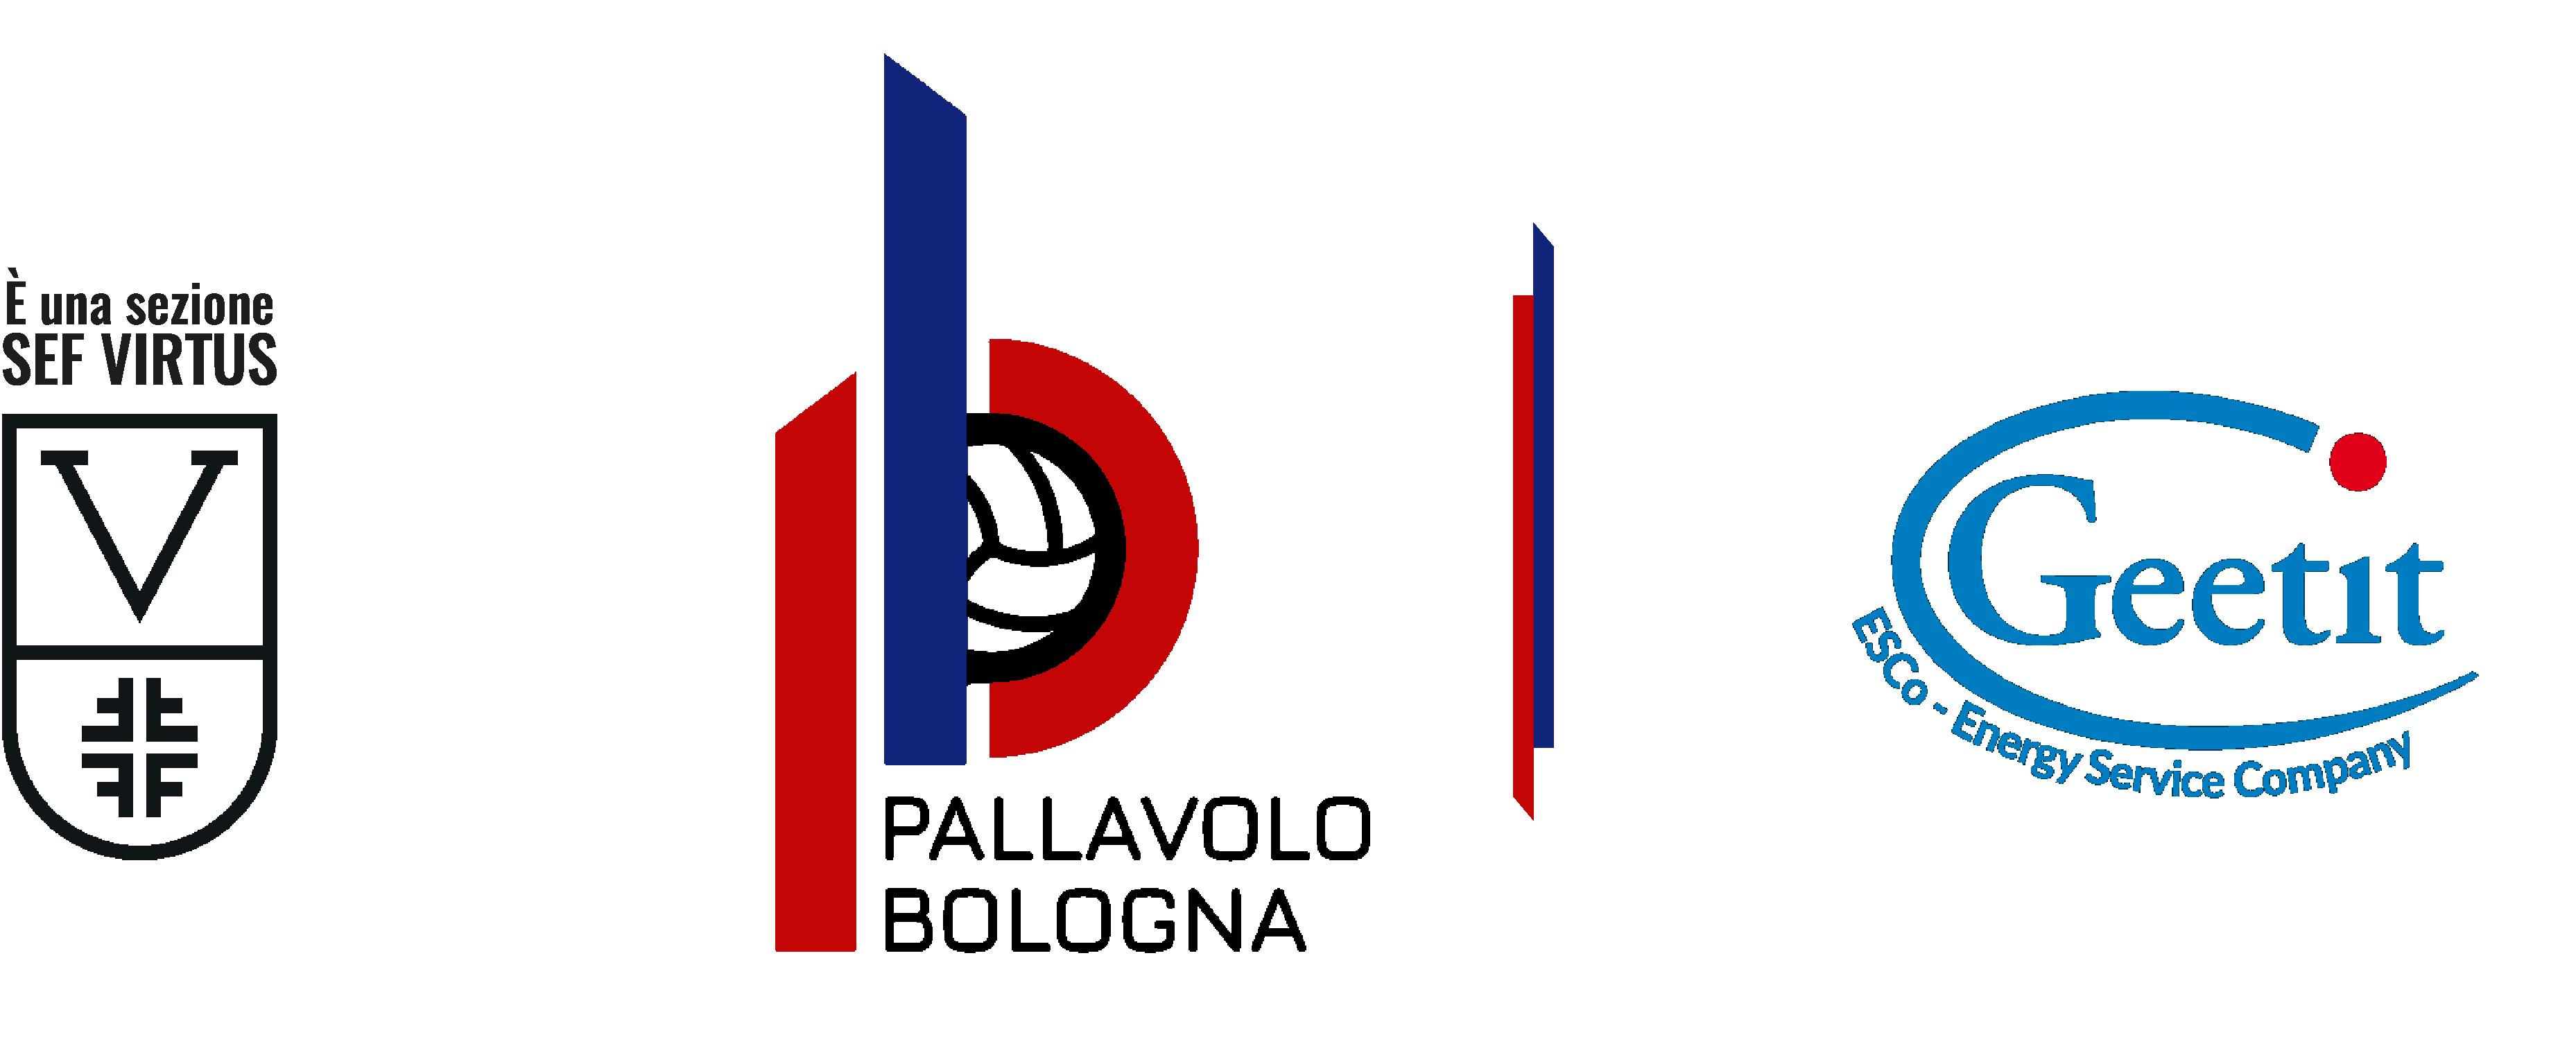 Pallavolo Bologna